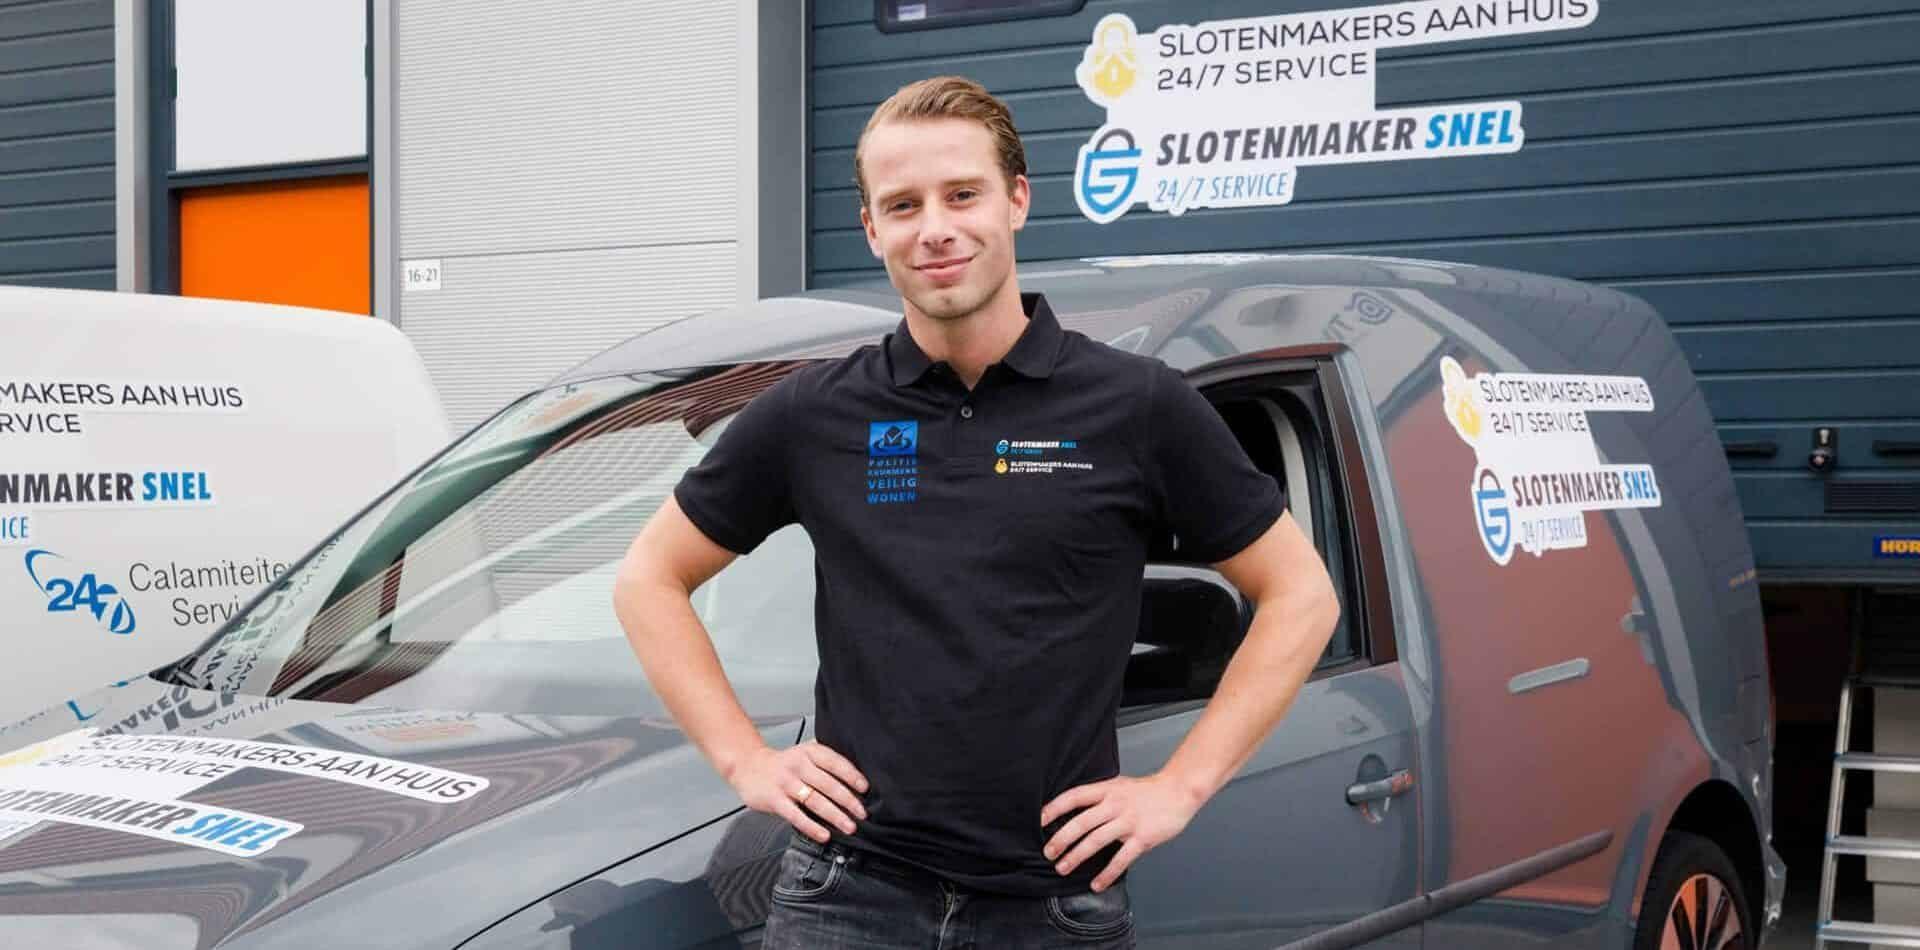 Slotenmaker Puttershoek (6)